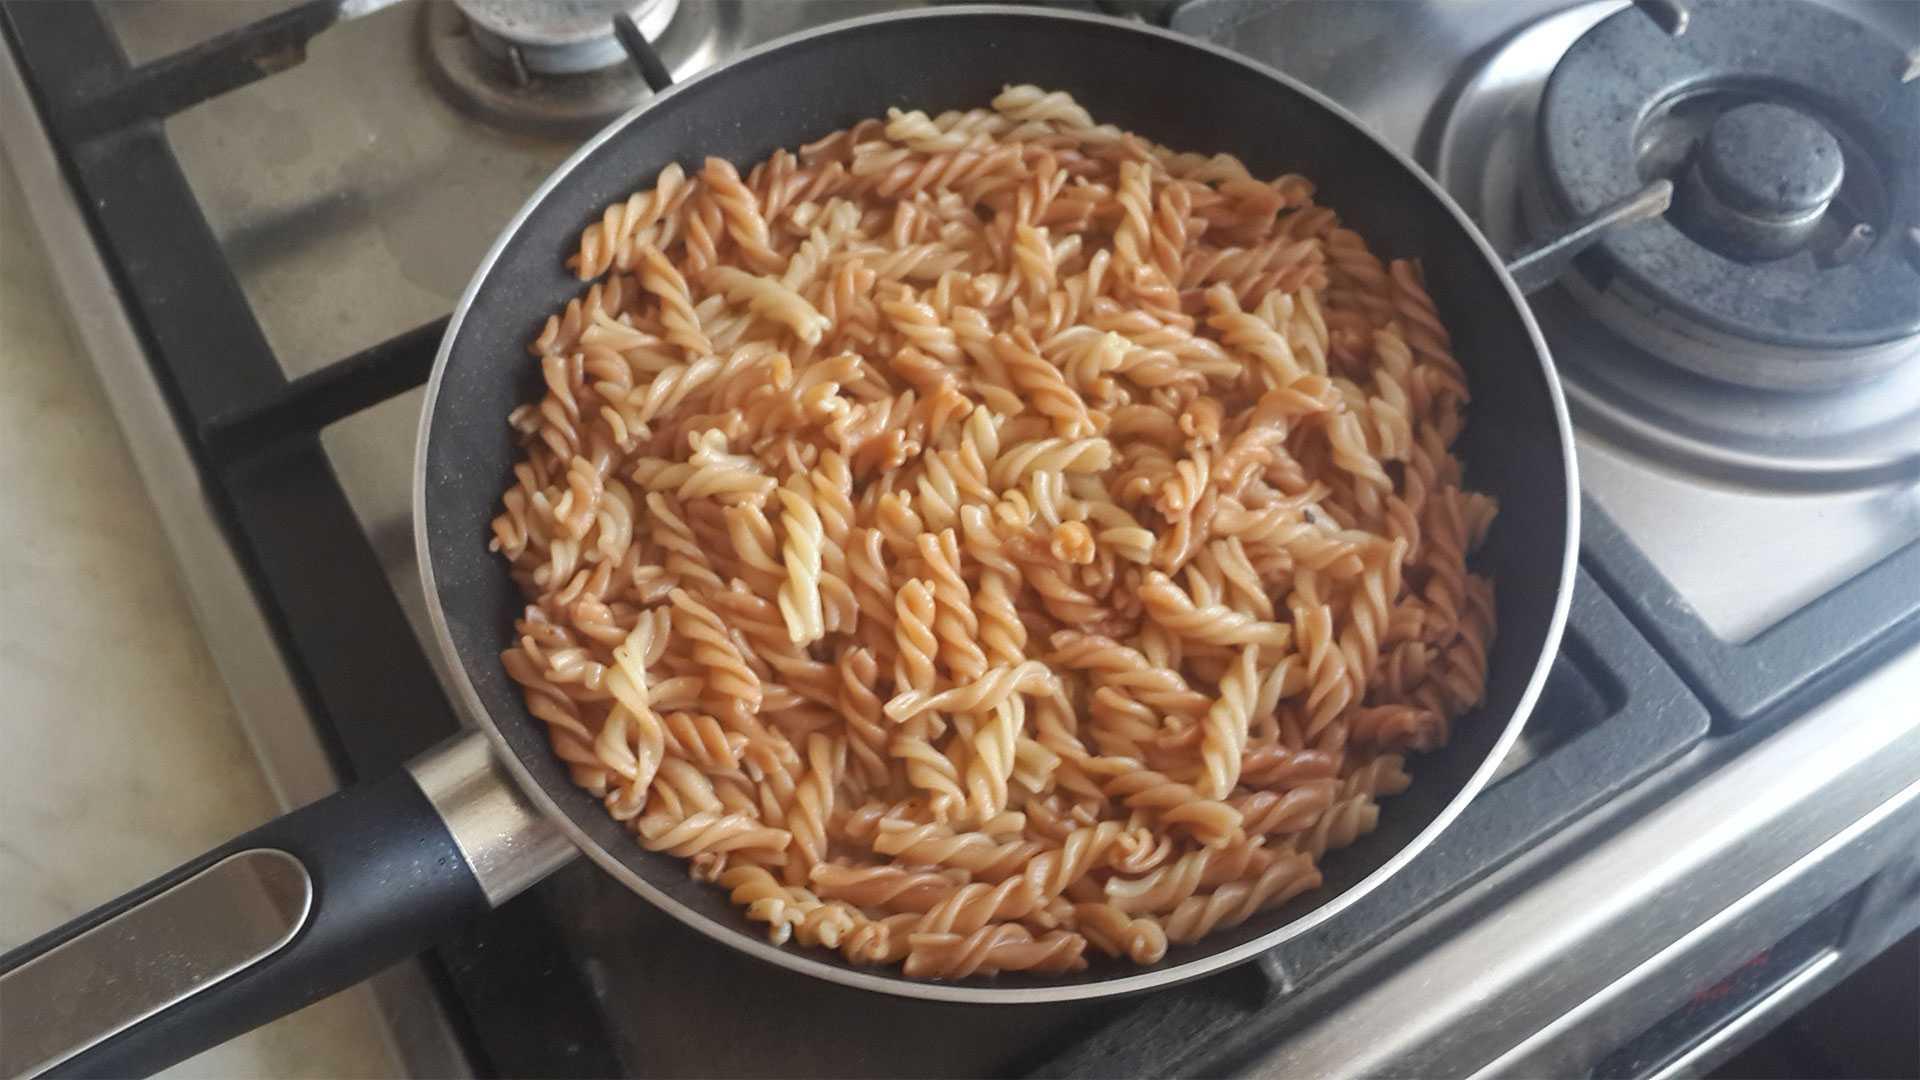 Как просто и вкусно приготовить макароны. Мой рецепт с фото